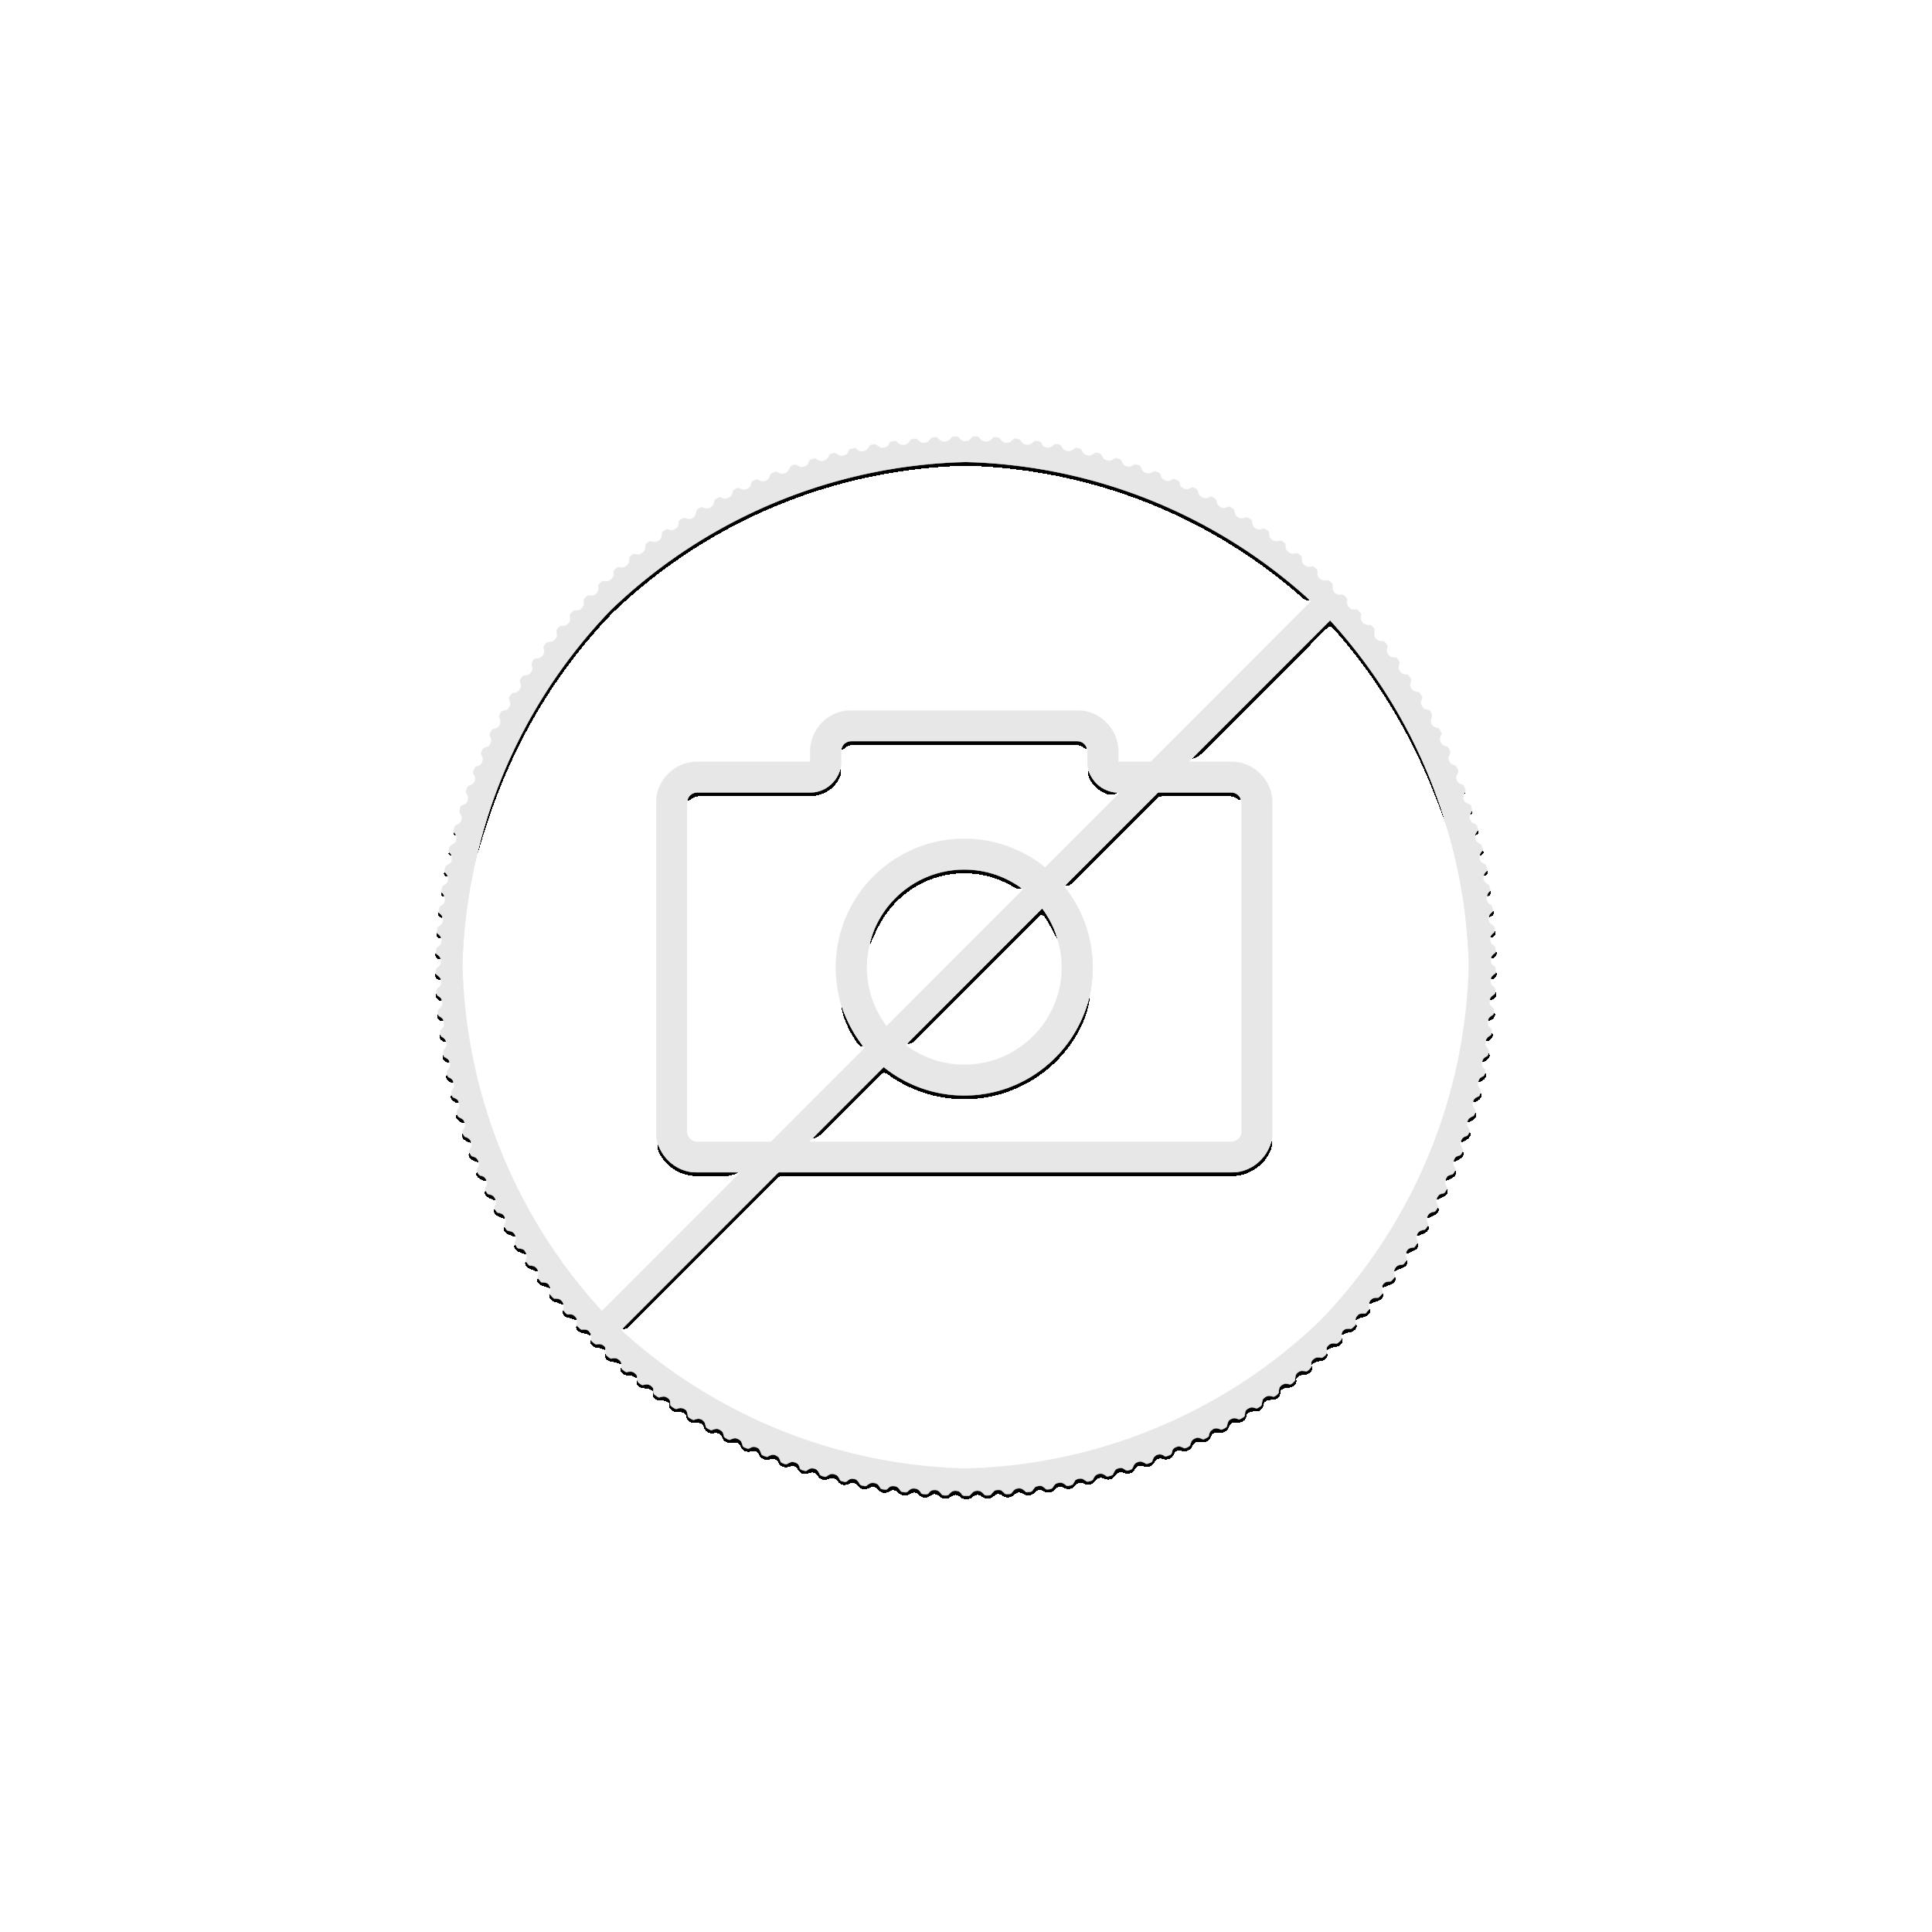 1/2 troy ounce zilveren munt Fiji Taku Turtle 2012